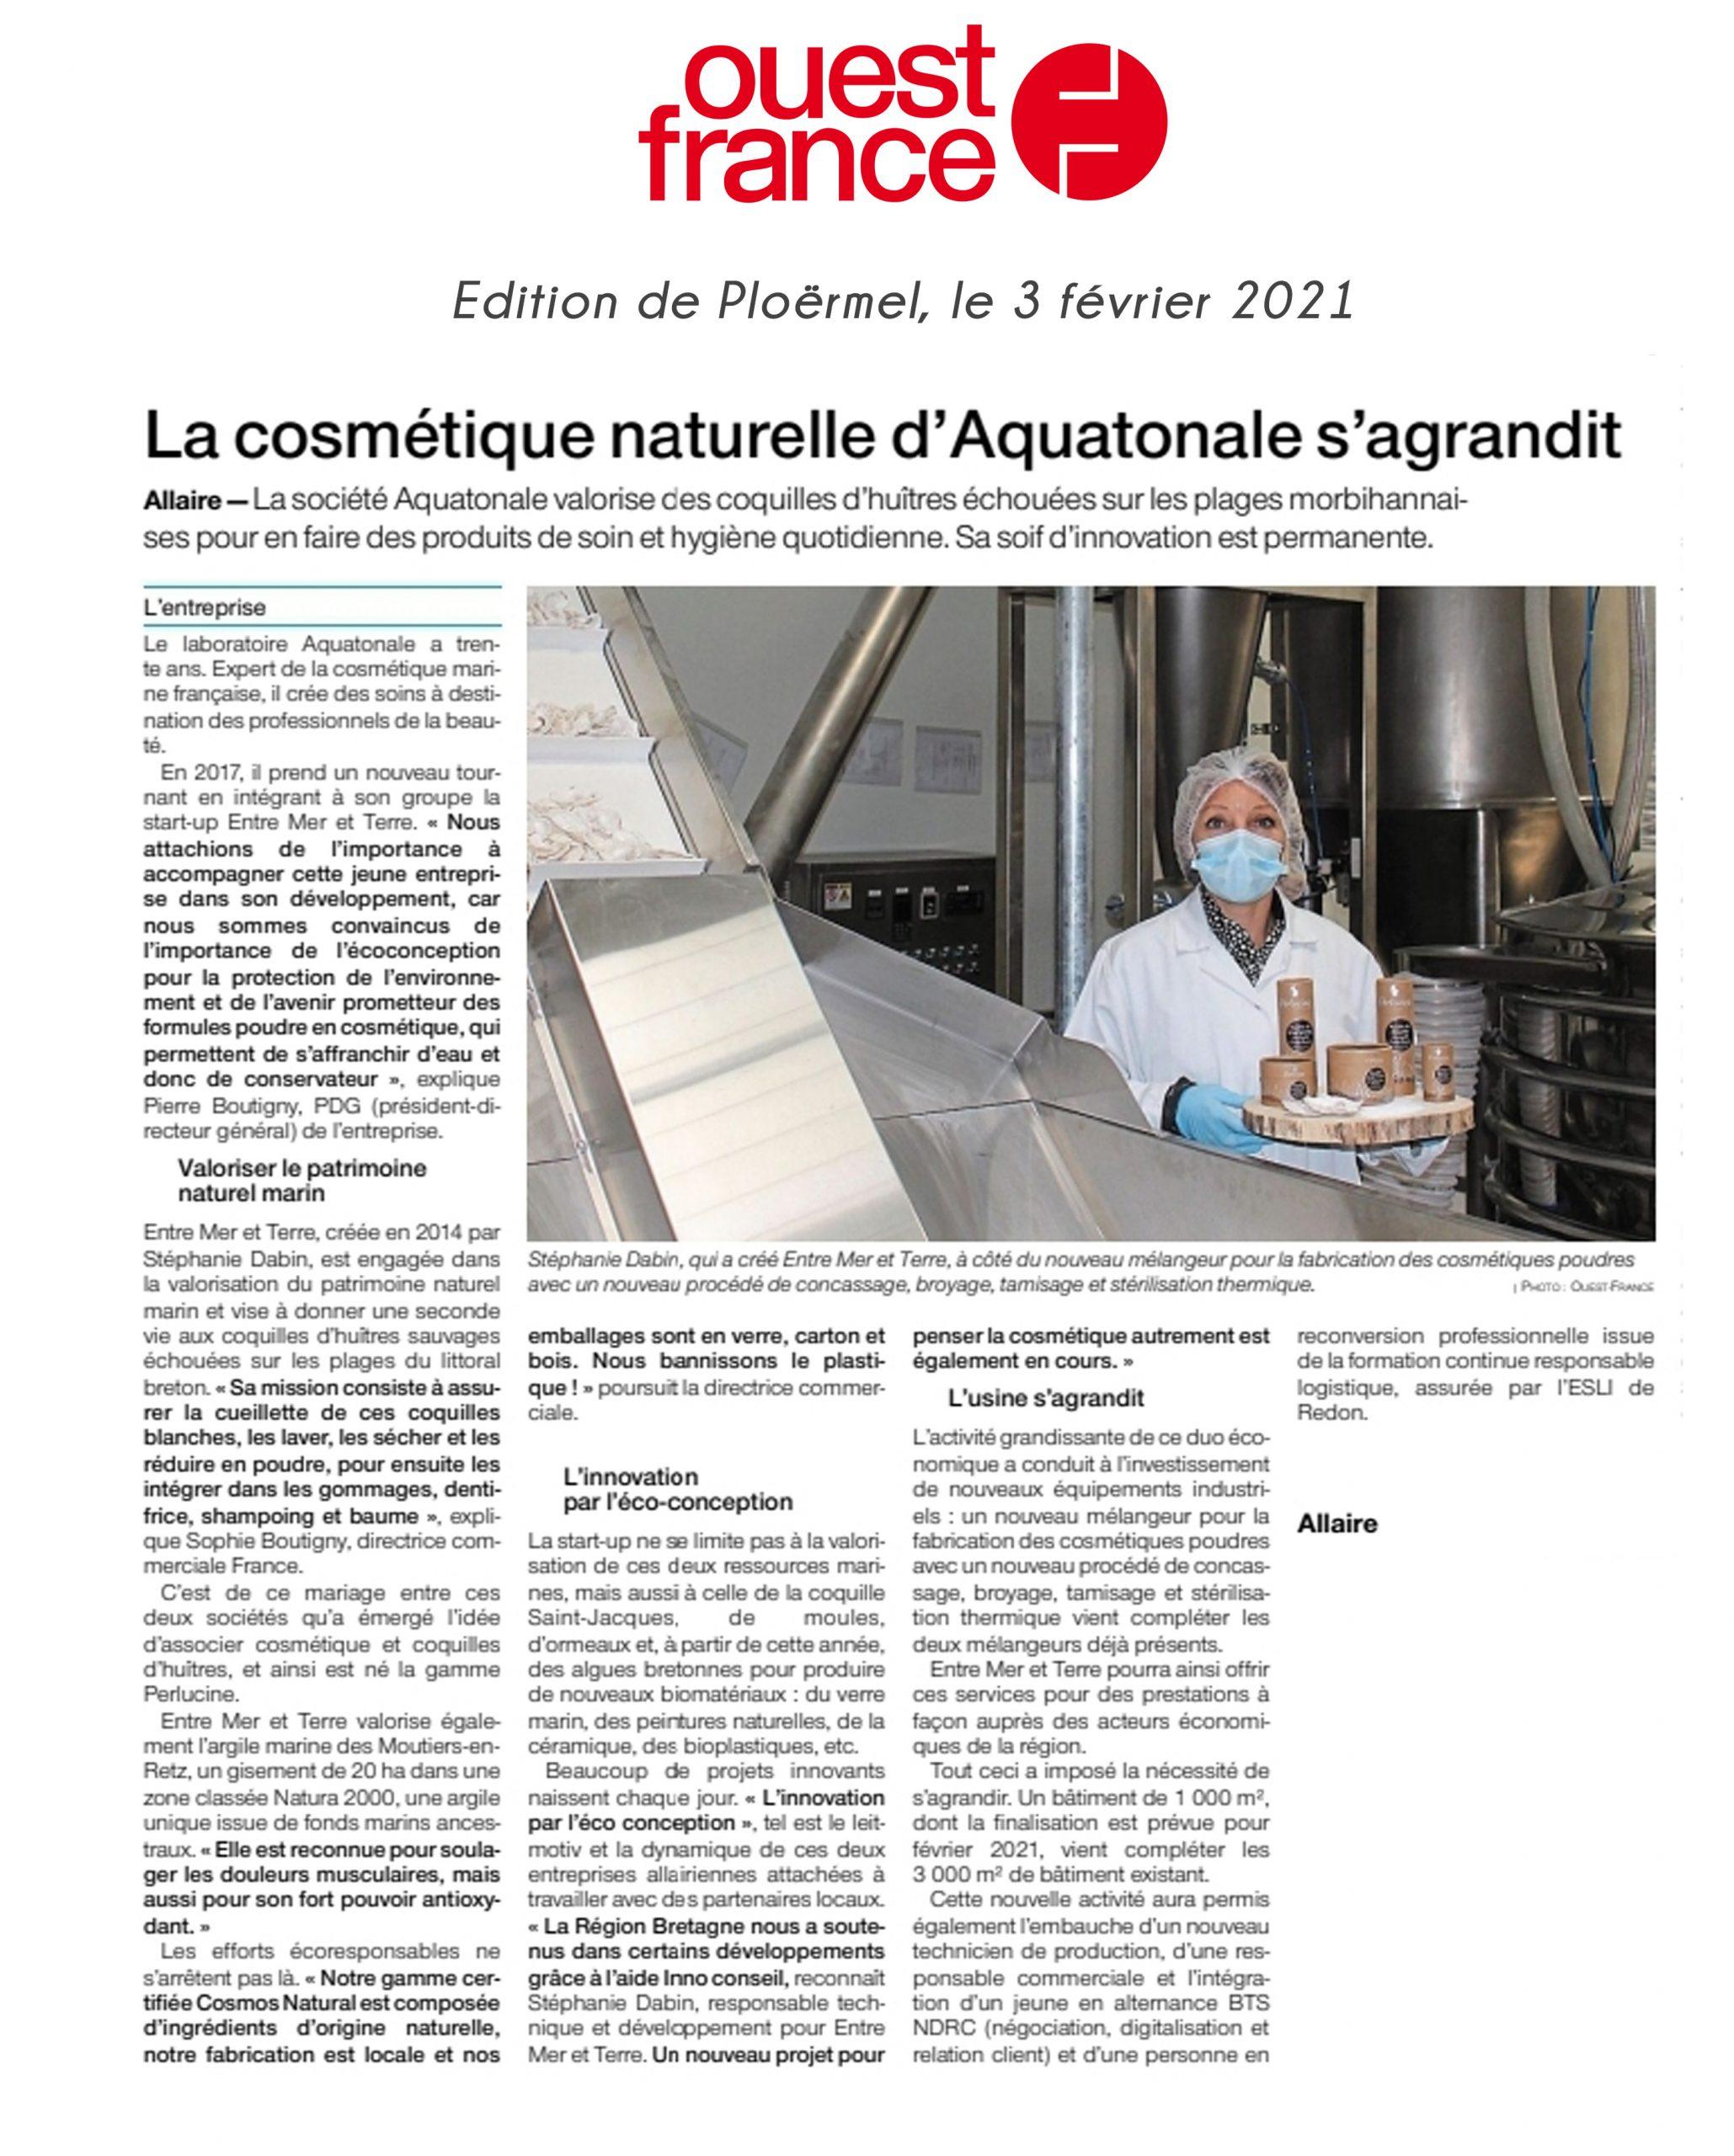 aquatonale-ouest-france-ploermel-3-février-2021